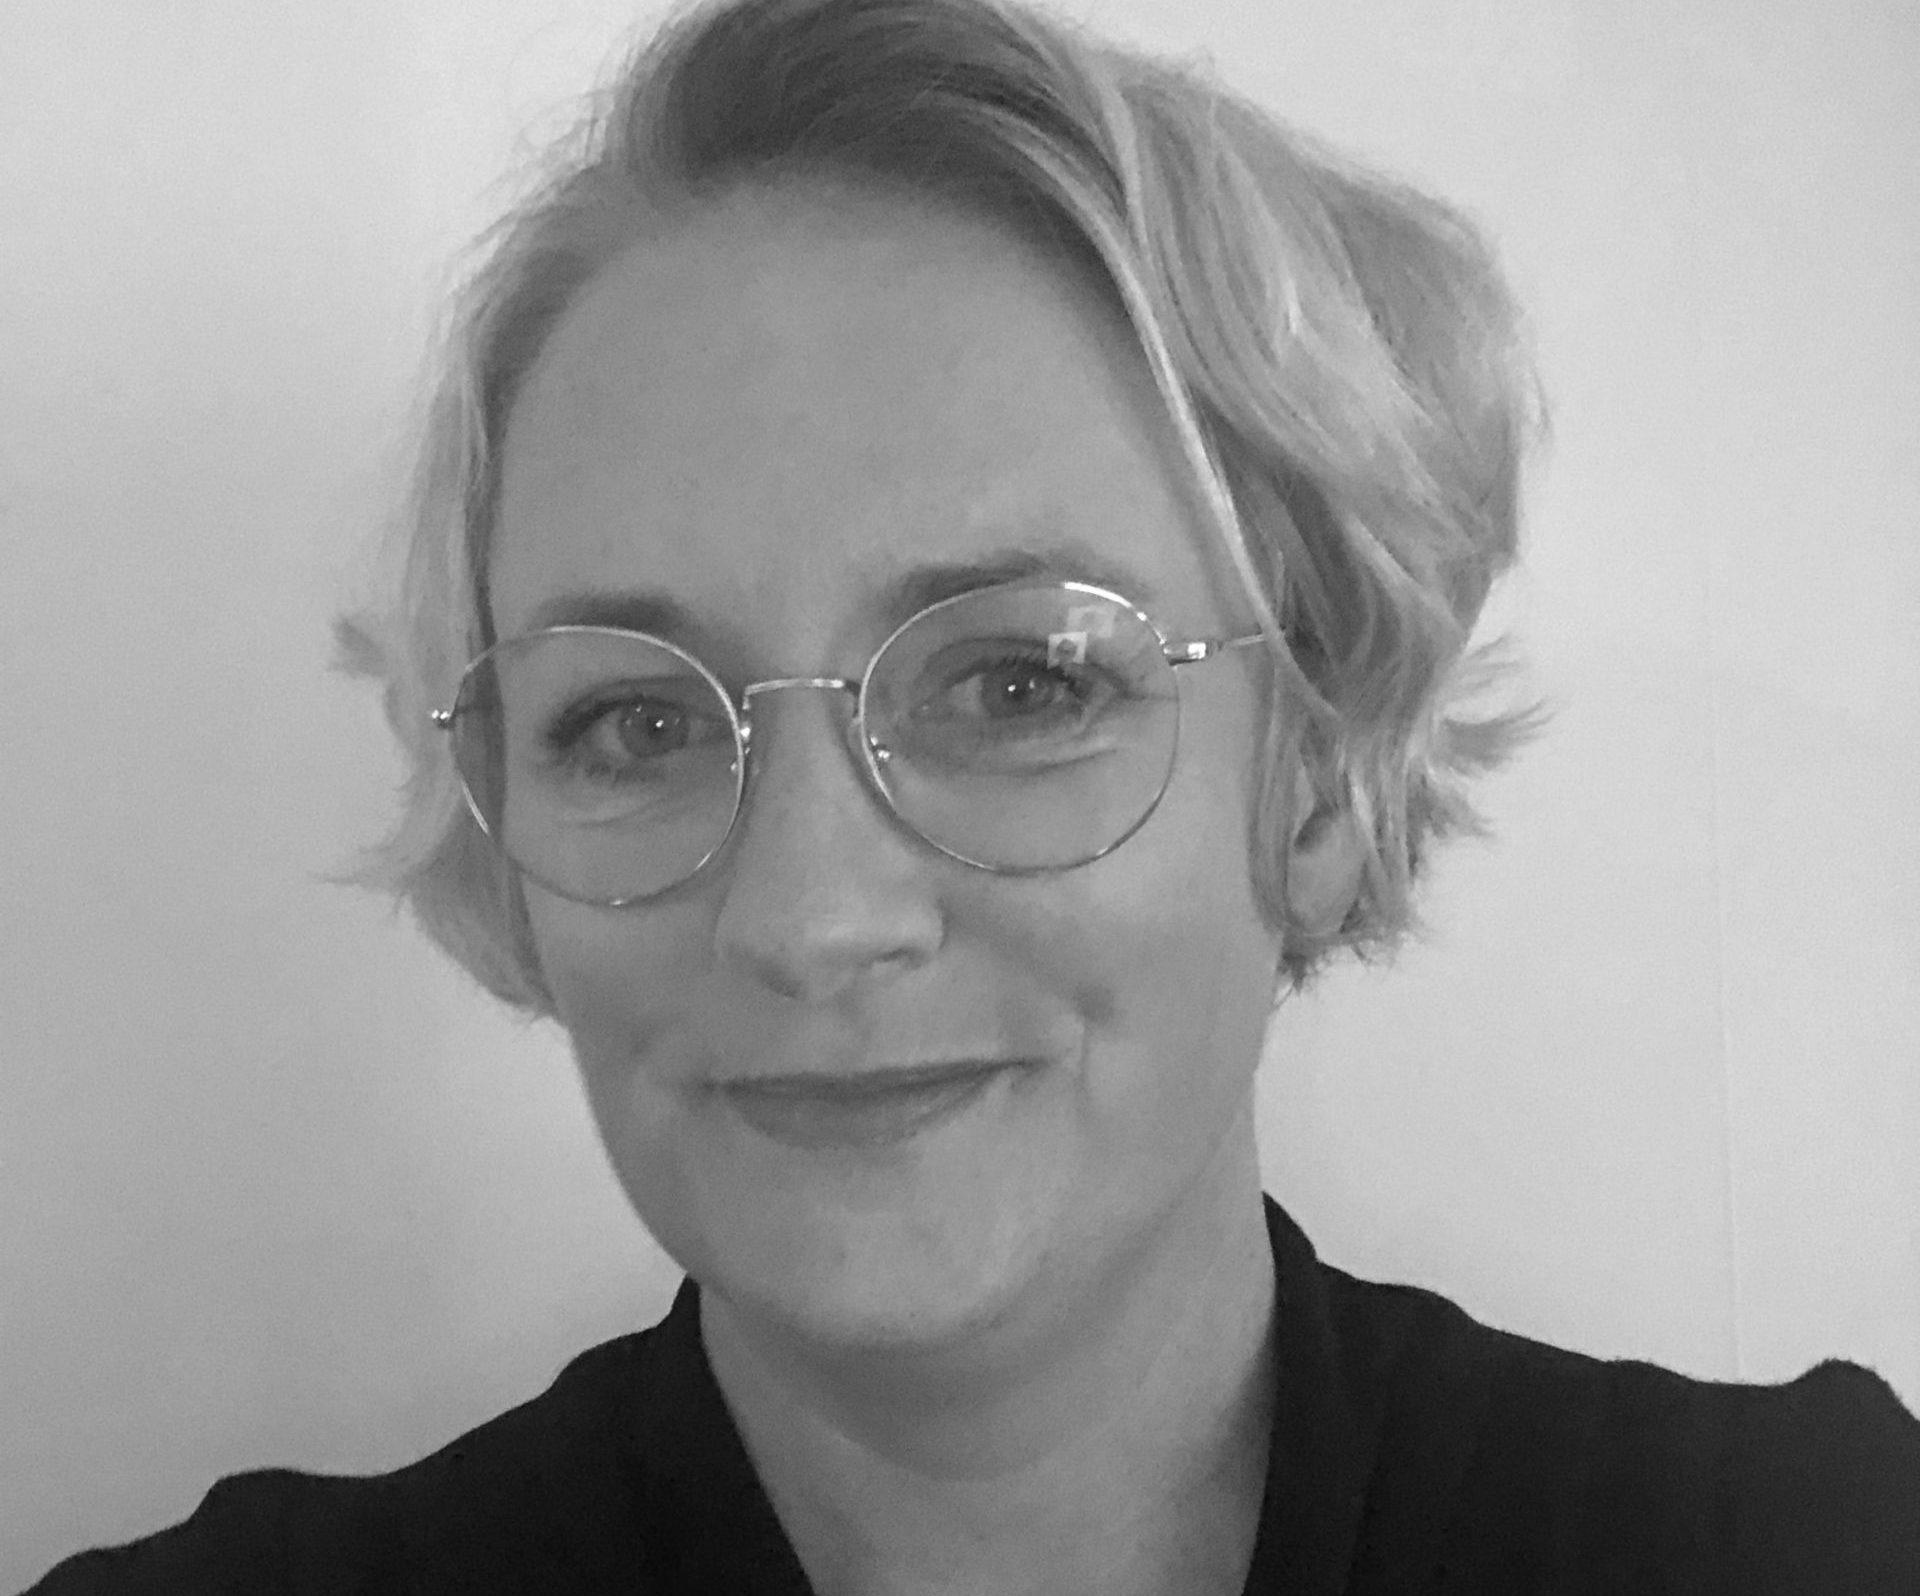 Scandinavian Biopharma fortsätter att expandera och välkomnar Erika Söderström som Key Account Manager